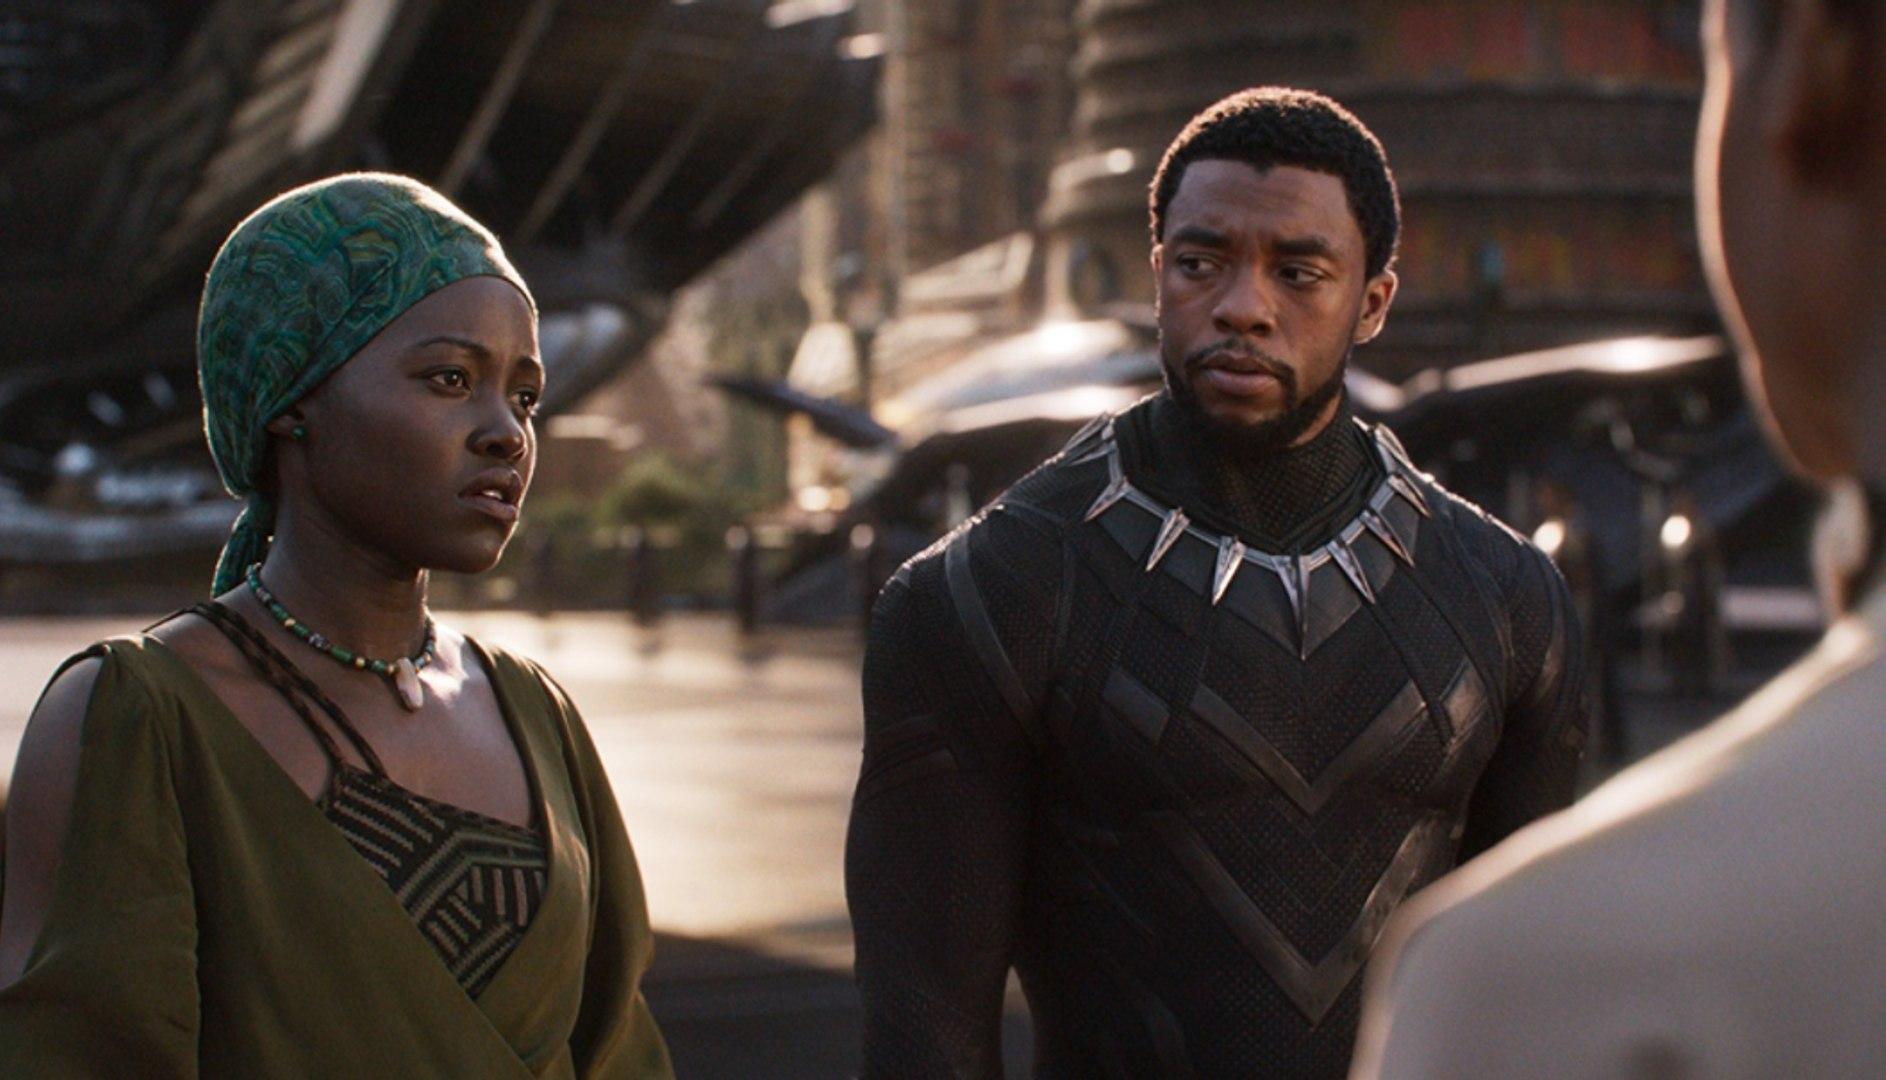 Black Panther (2018) English Film Free▫ FULL  MOVIE